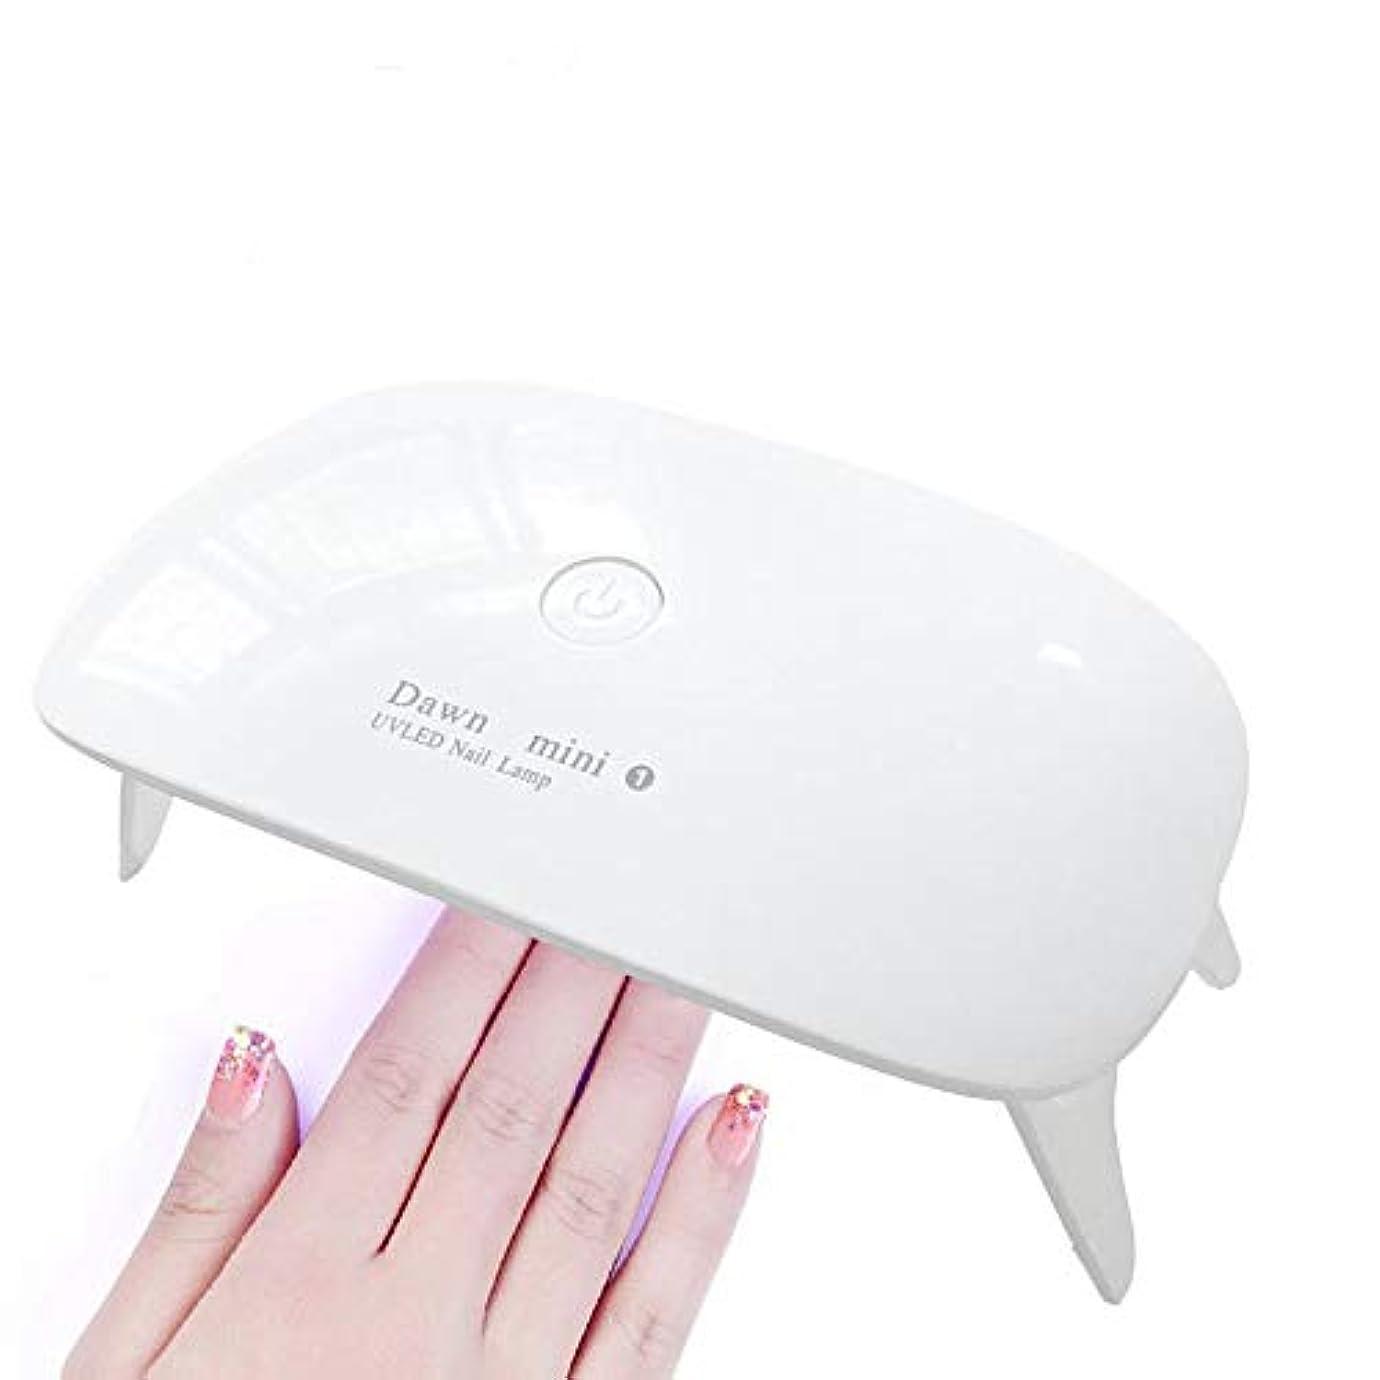 王室粒子科学的LEDネイルドライヤー UVライト レジン用 硬化ライト タイマー設定可能 折りたたみ式手足とも使える UV と LEDダブルライト ジェルネイル と レジンクラフト用